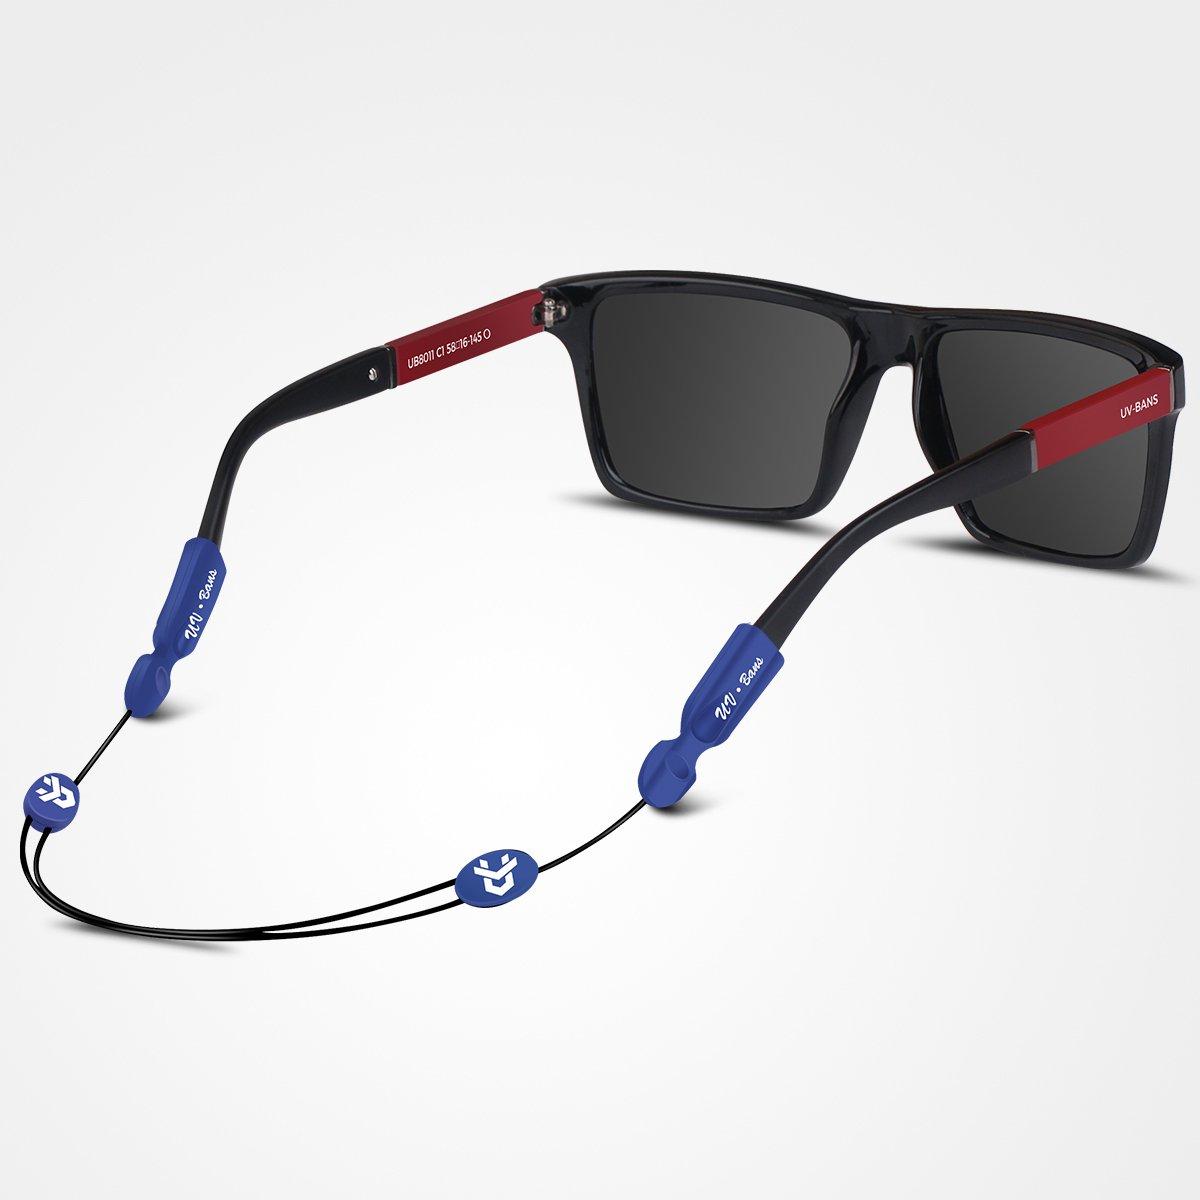 03f443e8b87b UV-BANS Sport Sunglasses Straps